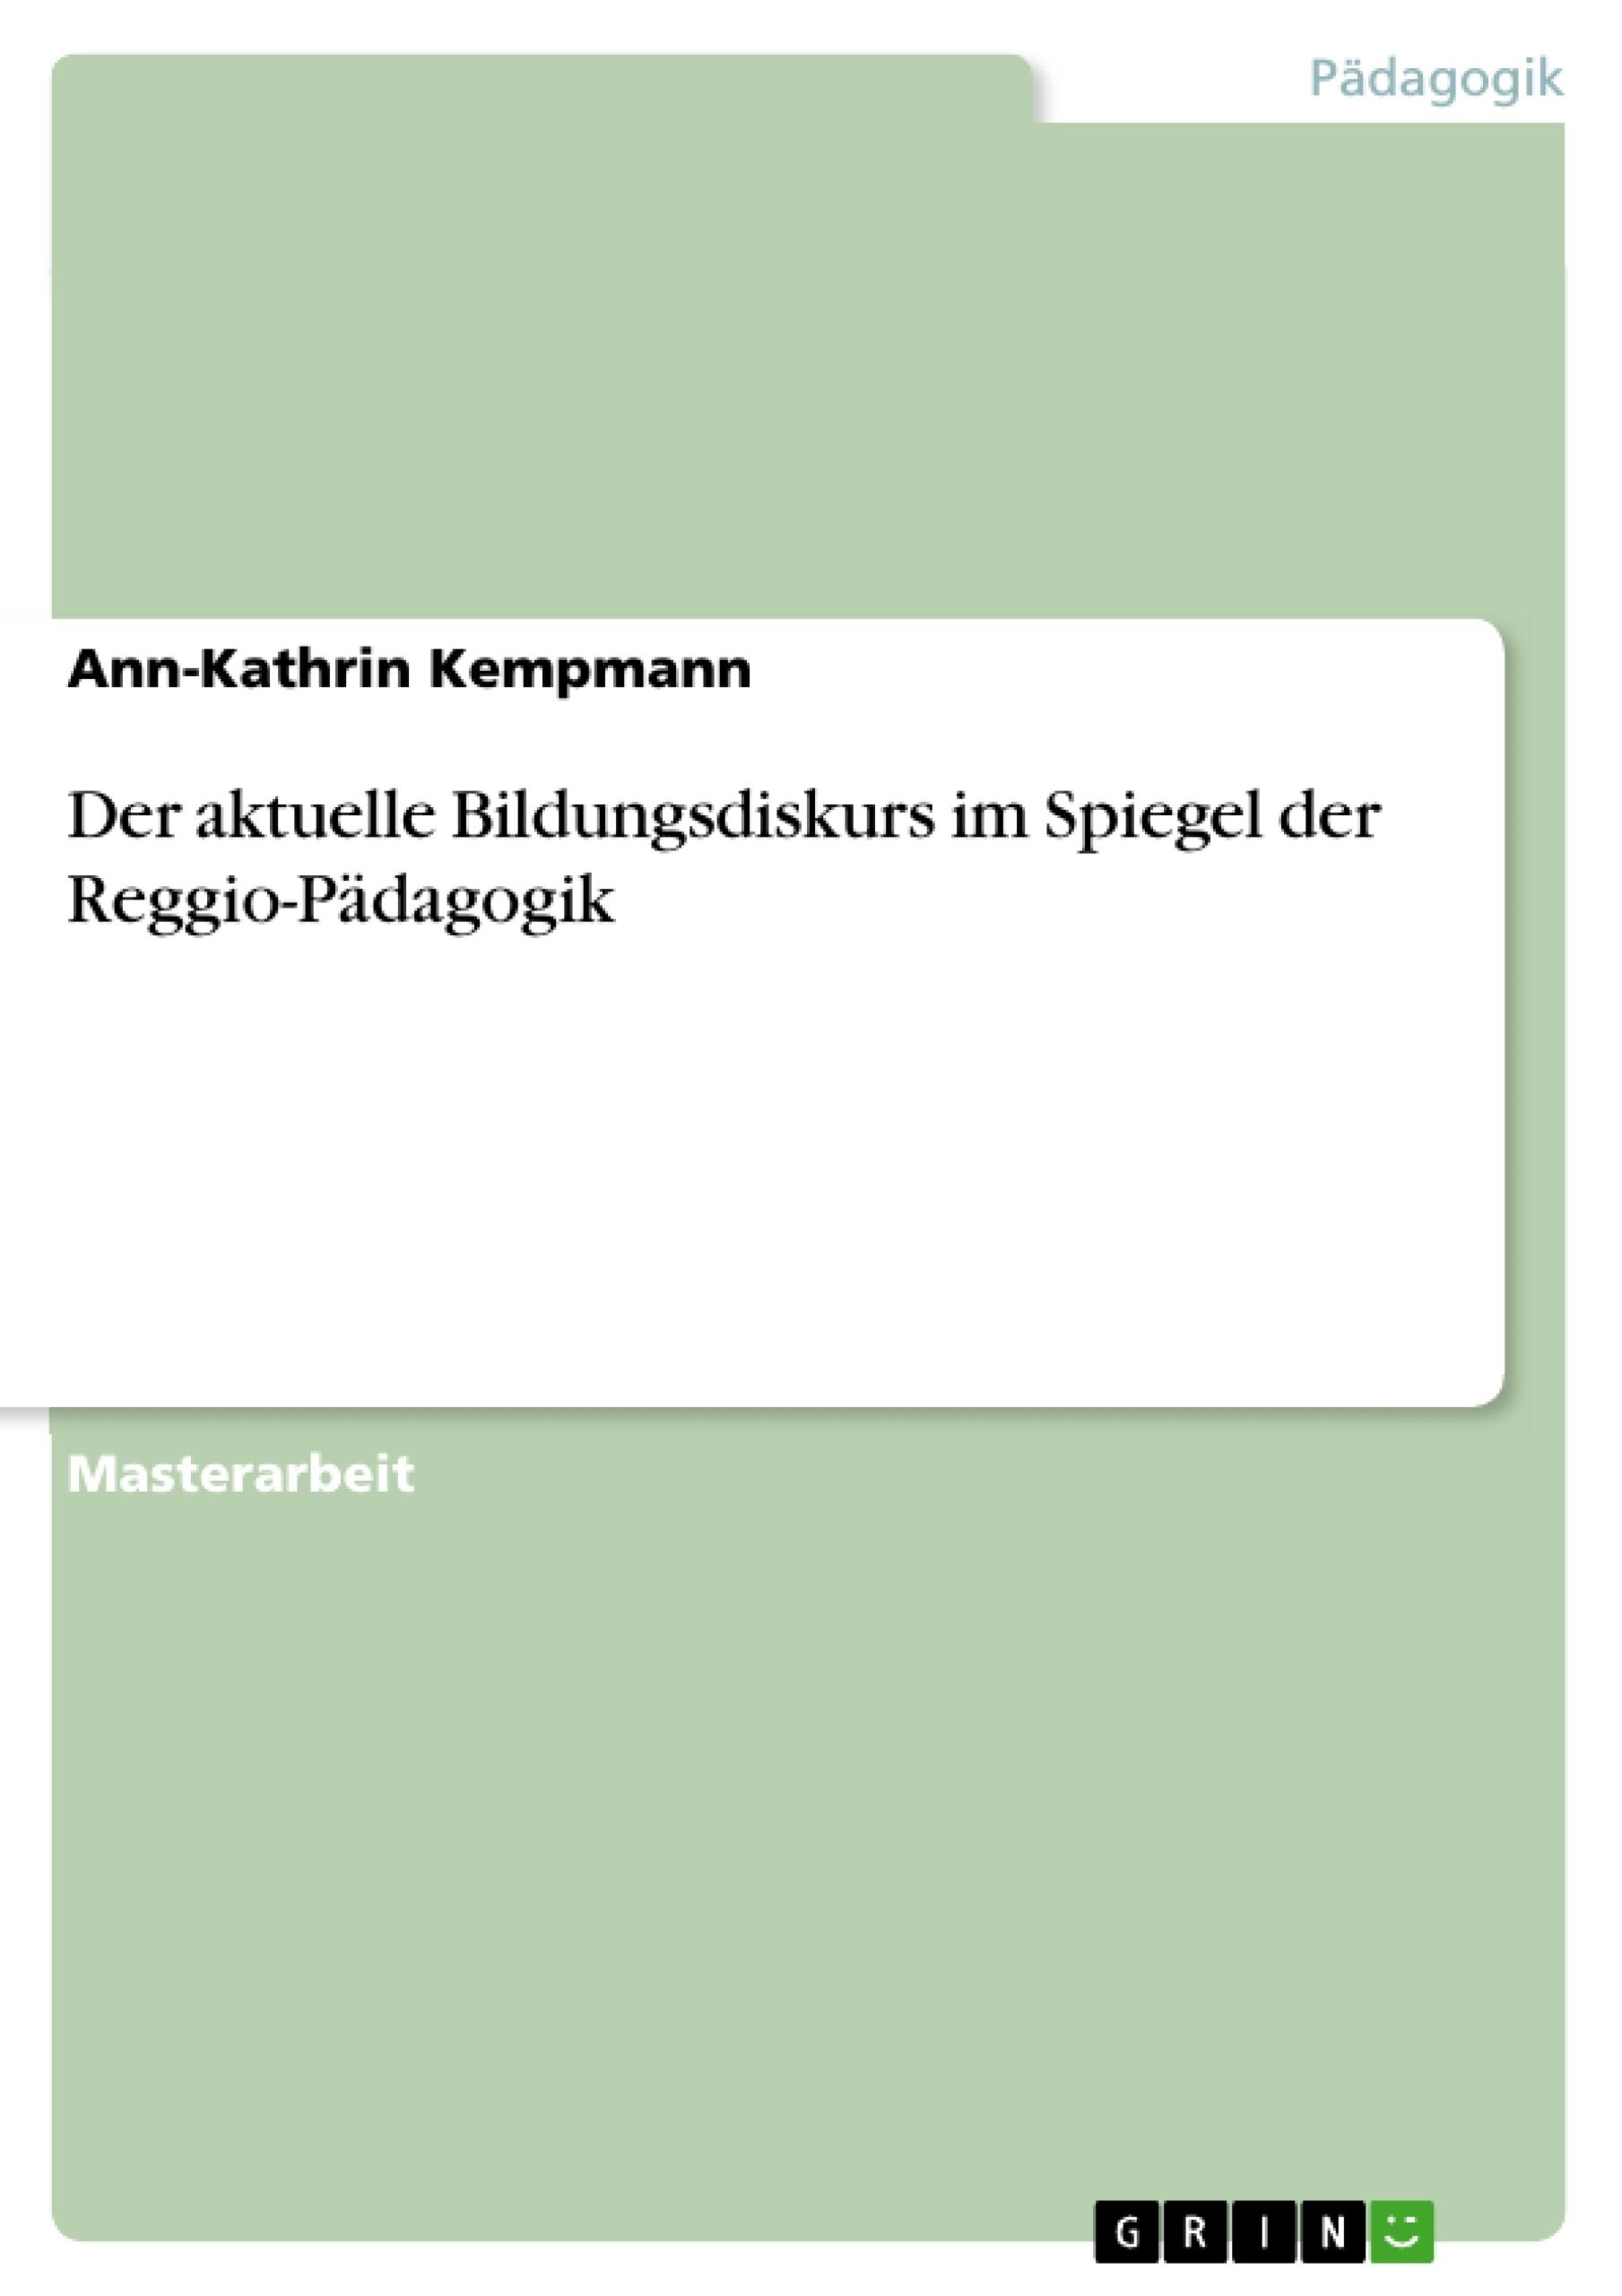 Titel: Der aktuelle Bildungsdiskurs im Spiegel der Reggio-Pädagogik